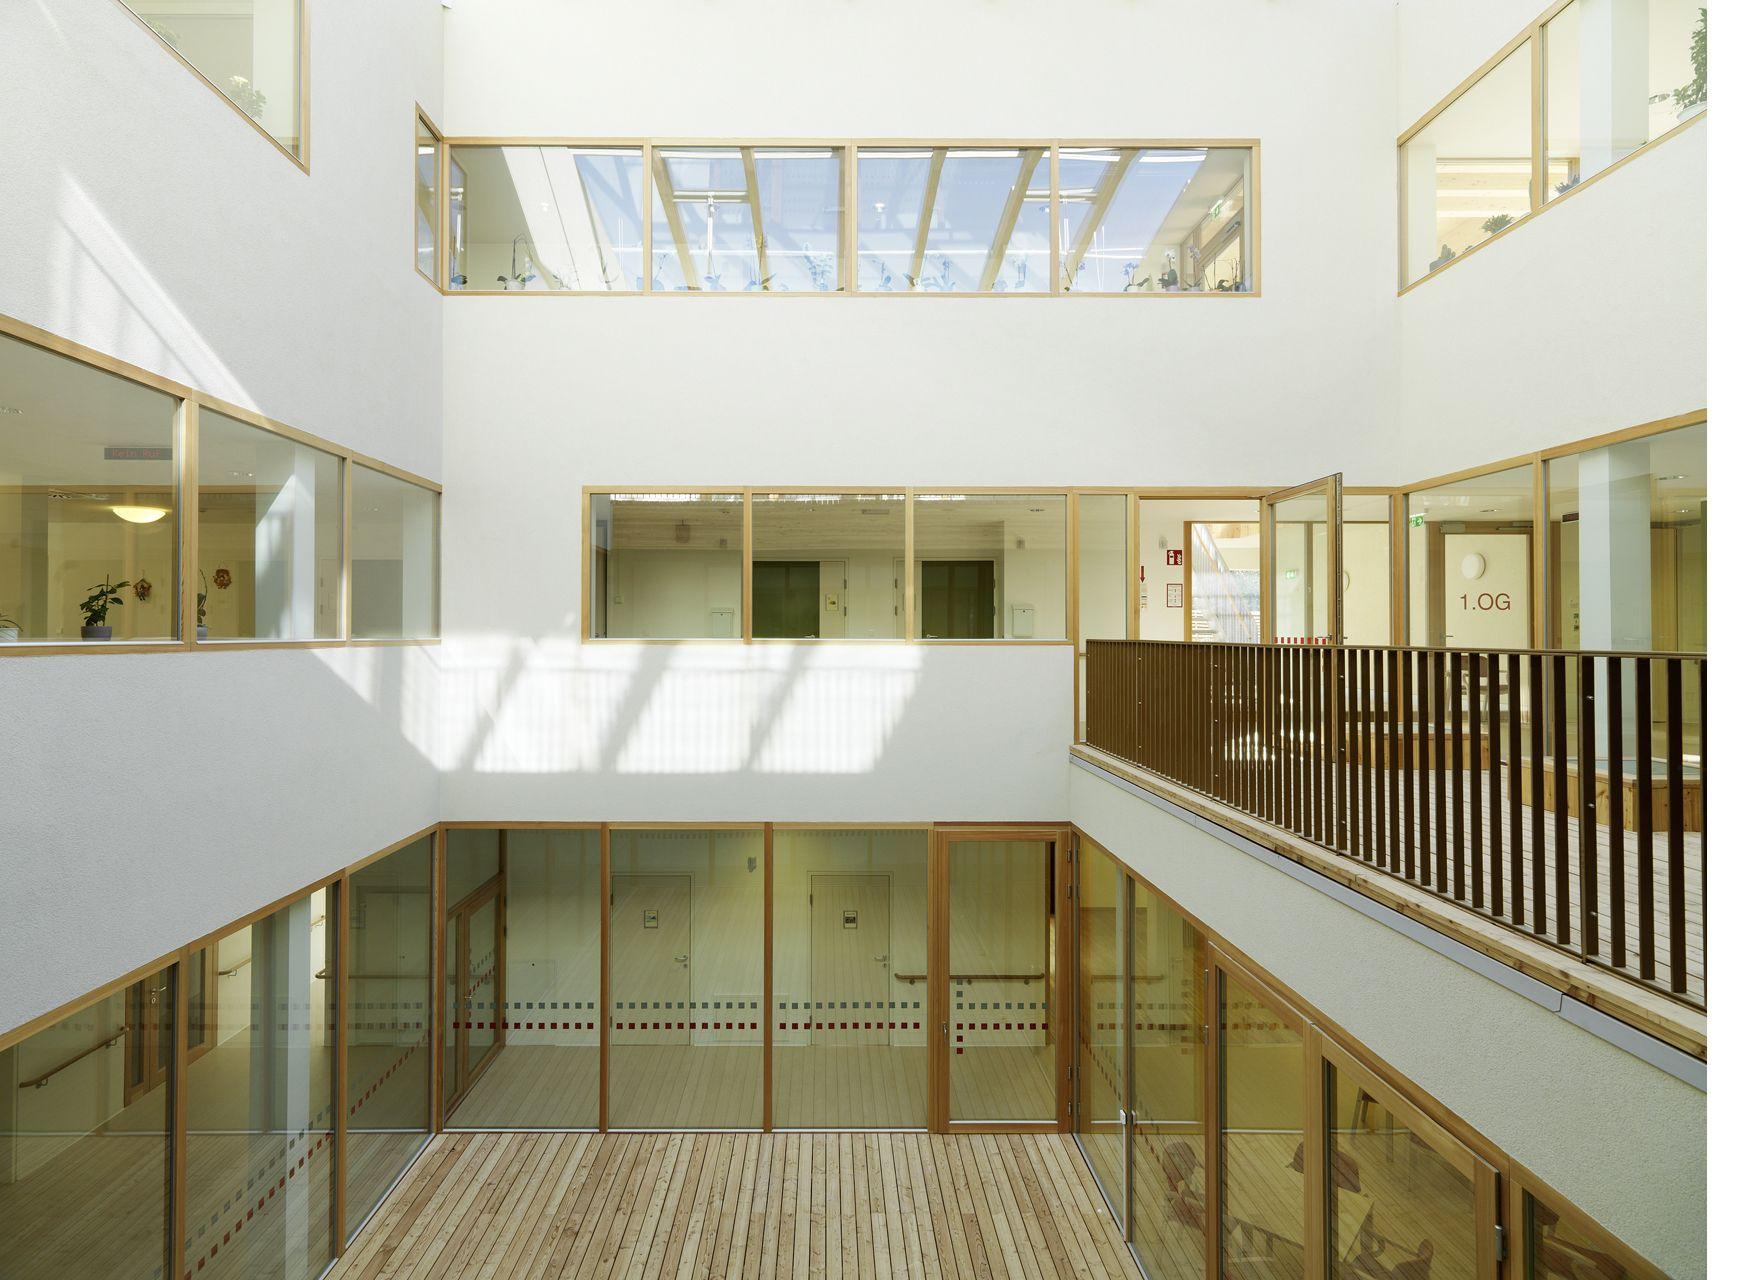 Nursinghome Leoben « Dietger Wissounig Architekten – Architektur und ...